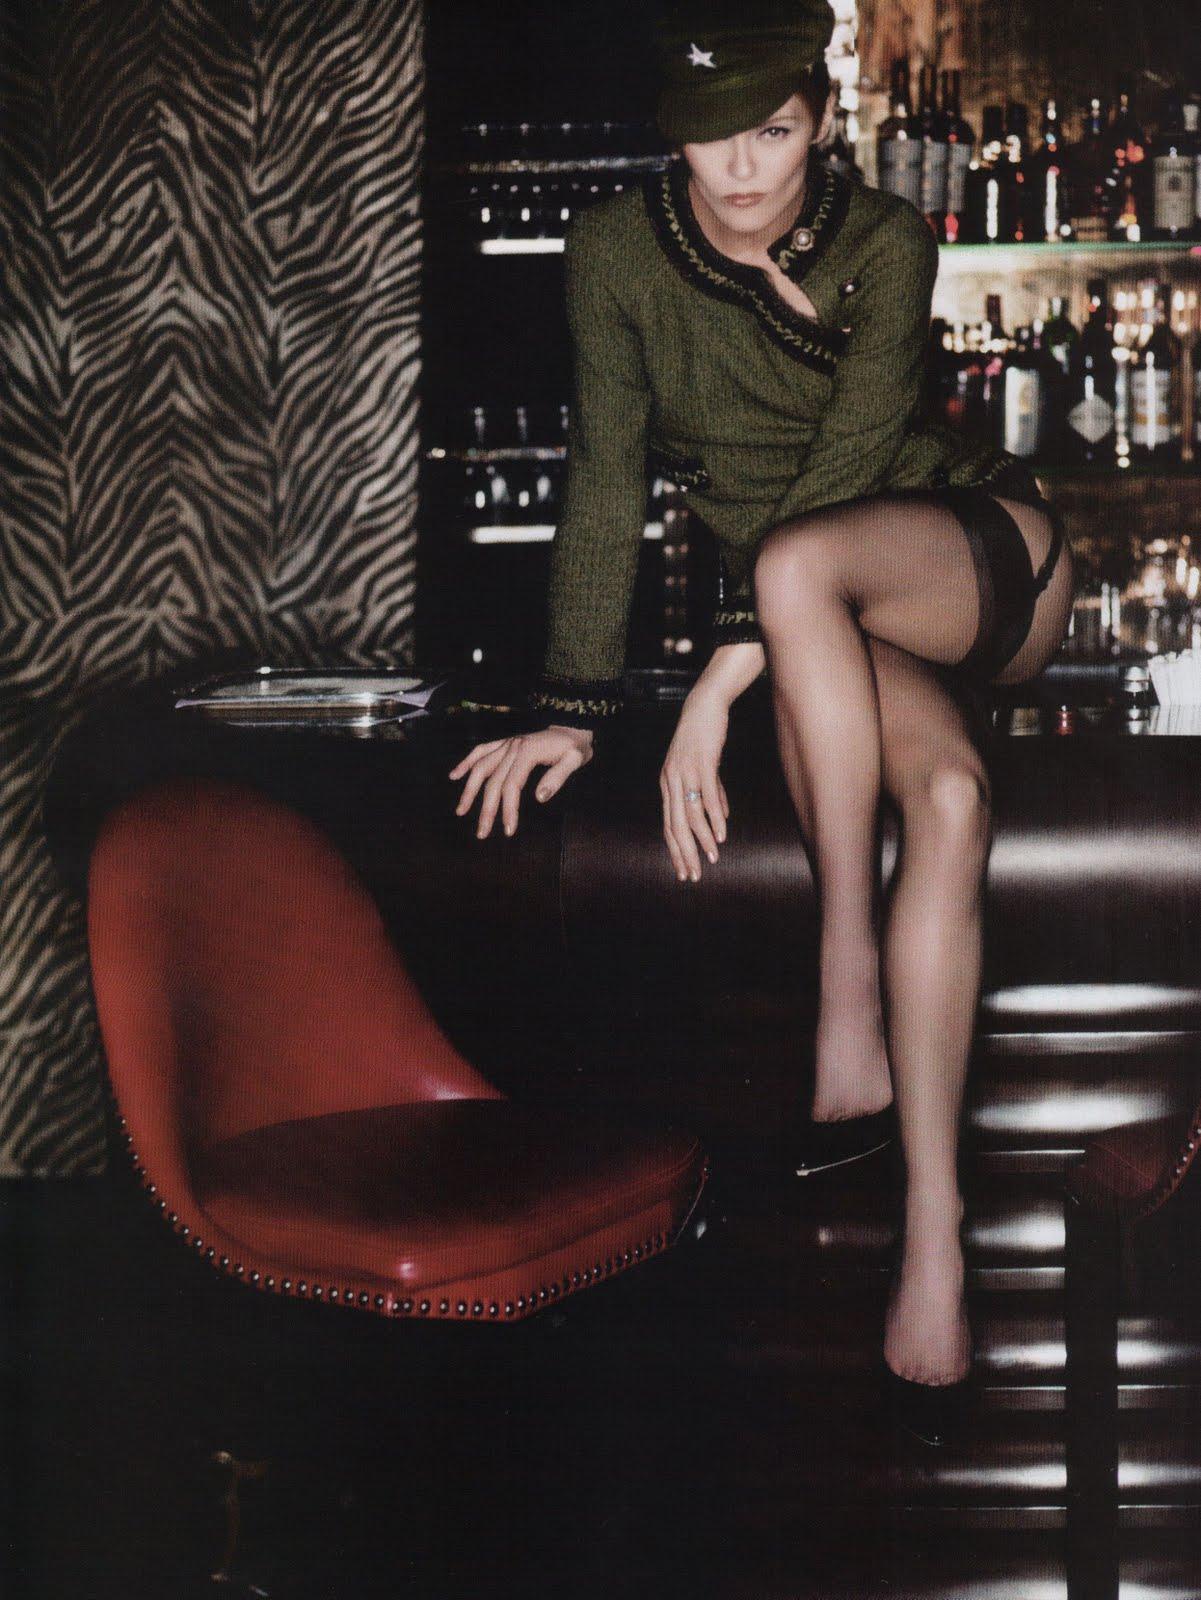 http://1.bp.blogspot.com/_Z-Fg_2TxHpM/S9icVIVuV7I/AAAAAAAAF2s/oWSKbjwmHpI/s1600/Vanessa-Paradis-Vogue-France-Mai-2010-1.jpg